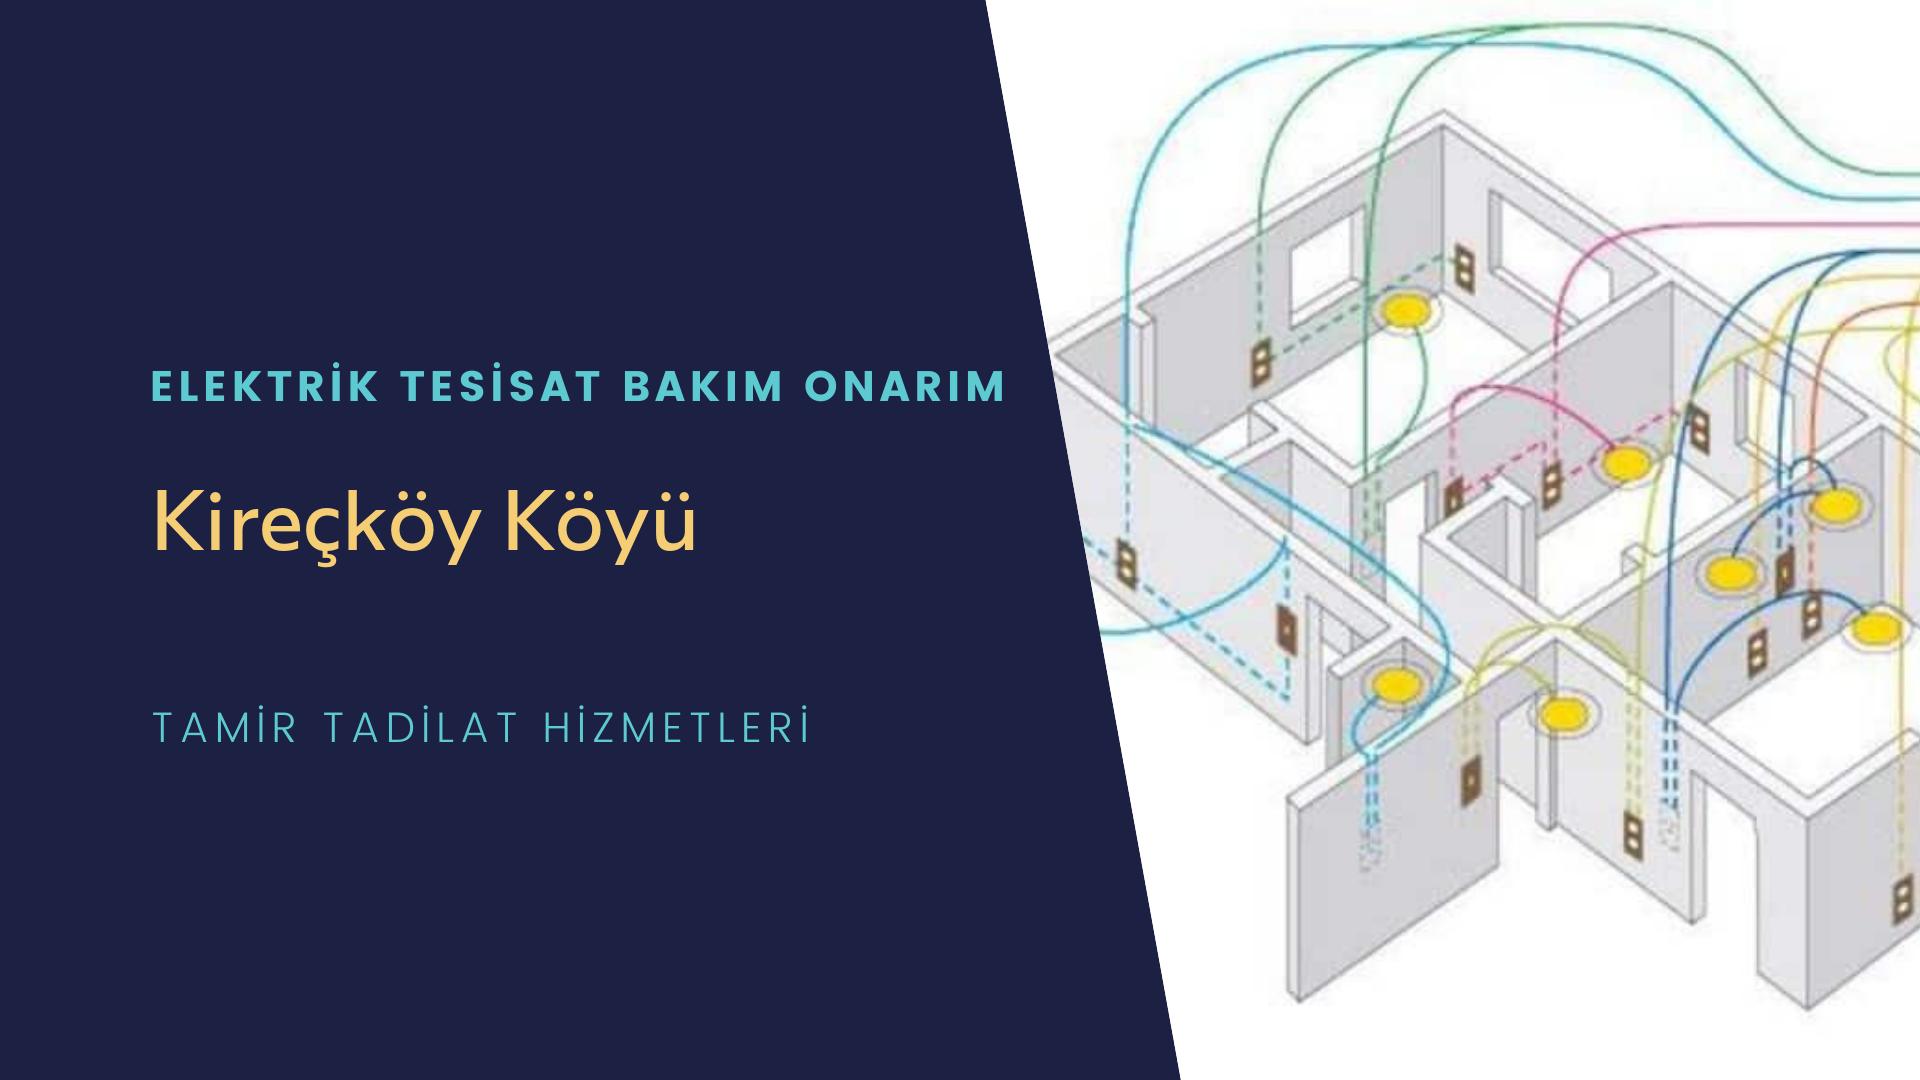 Kireçköy Köyü  elektrik tesisatıustalarımı arıyorsunuz doğru adrestenizi Kireçköy Köyü elektrik tesisatı ustalarımız 7/24 sizlere hizmet vermekten mutluluk duyar.